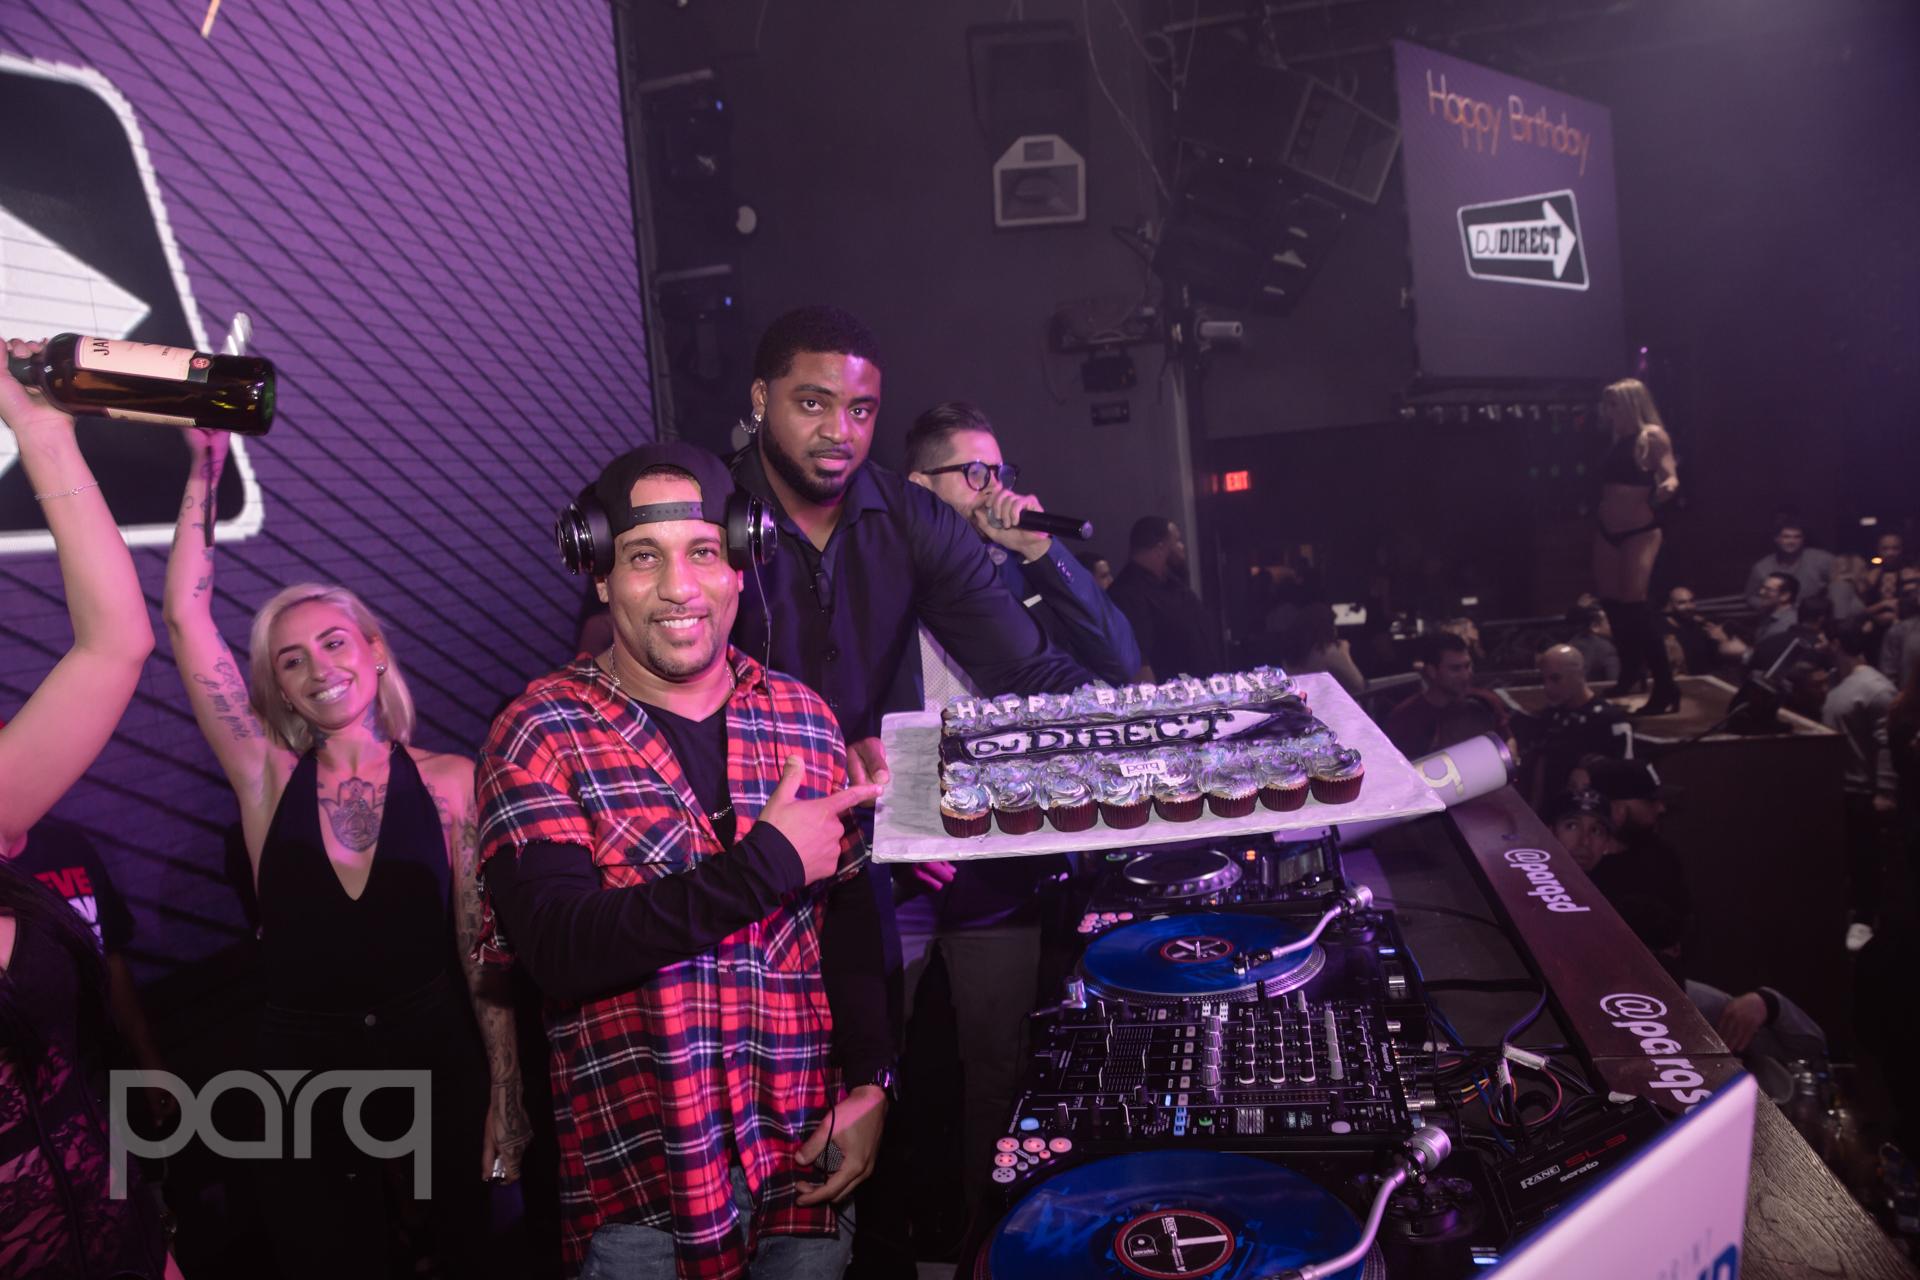 San-Diego-Nightclub-DJ Direct-19.jpg